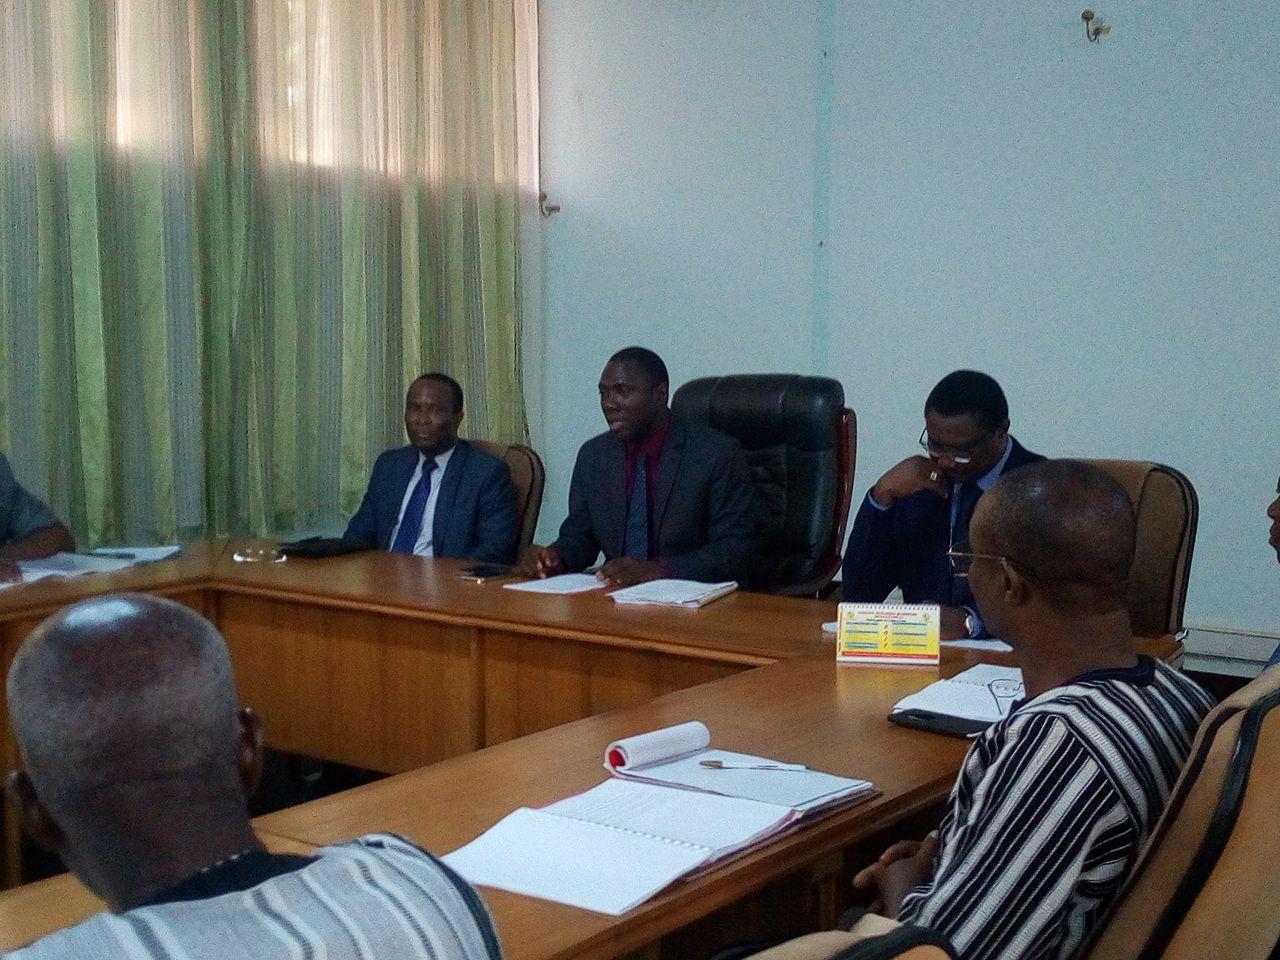 Gouvernances administrative et locale :  «Des acquis indéniables engrangés» ministre Séni Ouédraogo